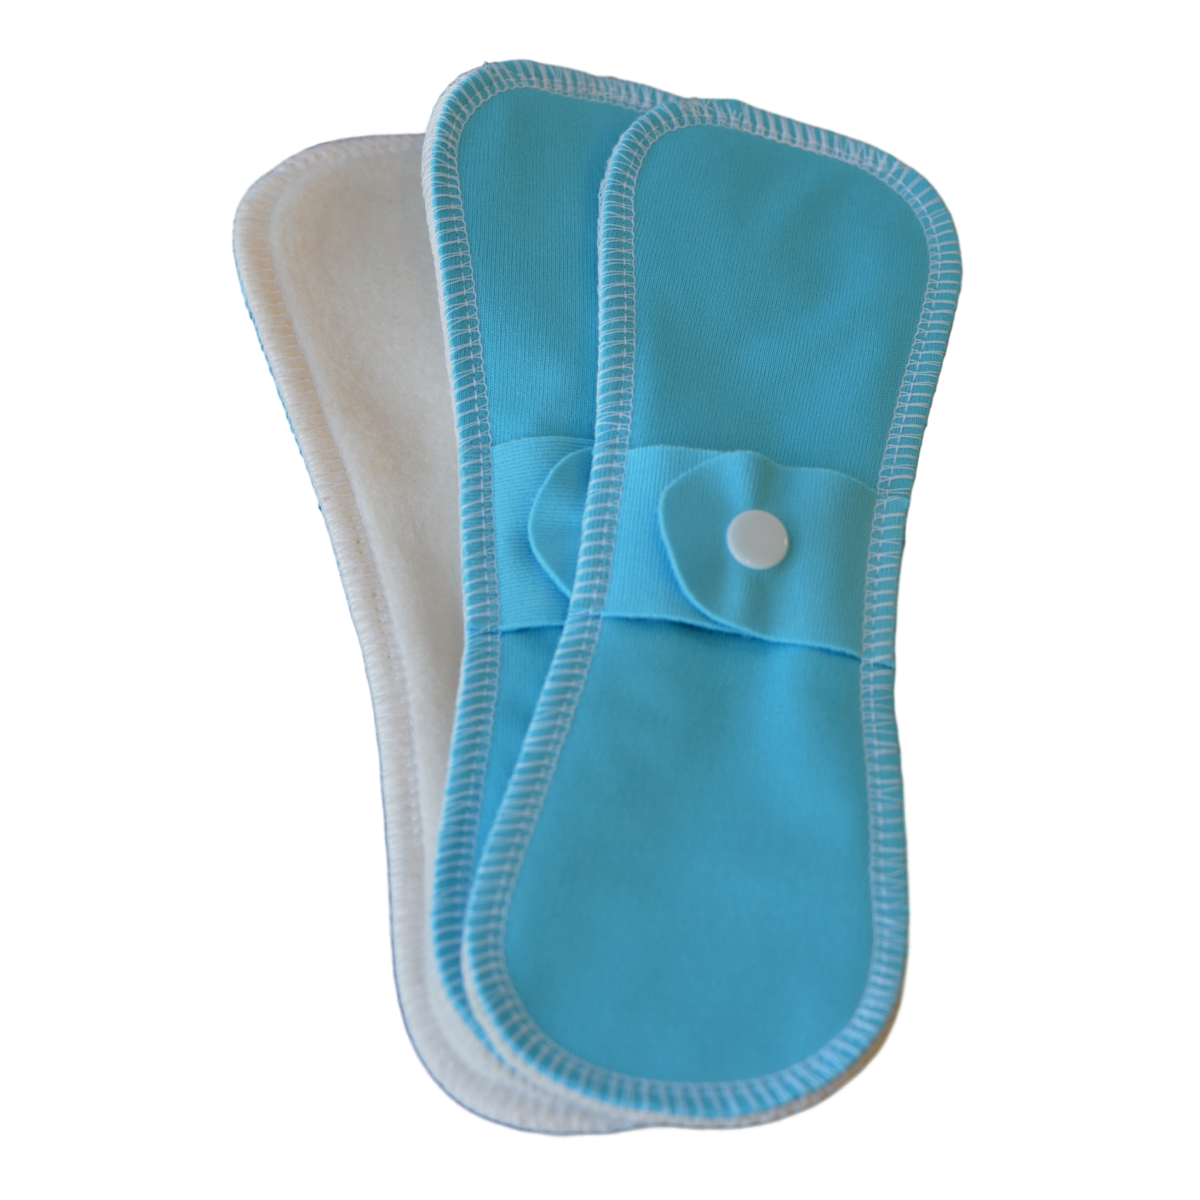 Serviette régulière jour en coton bio